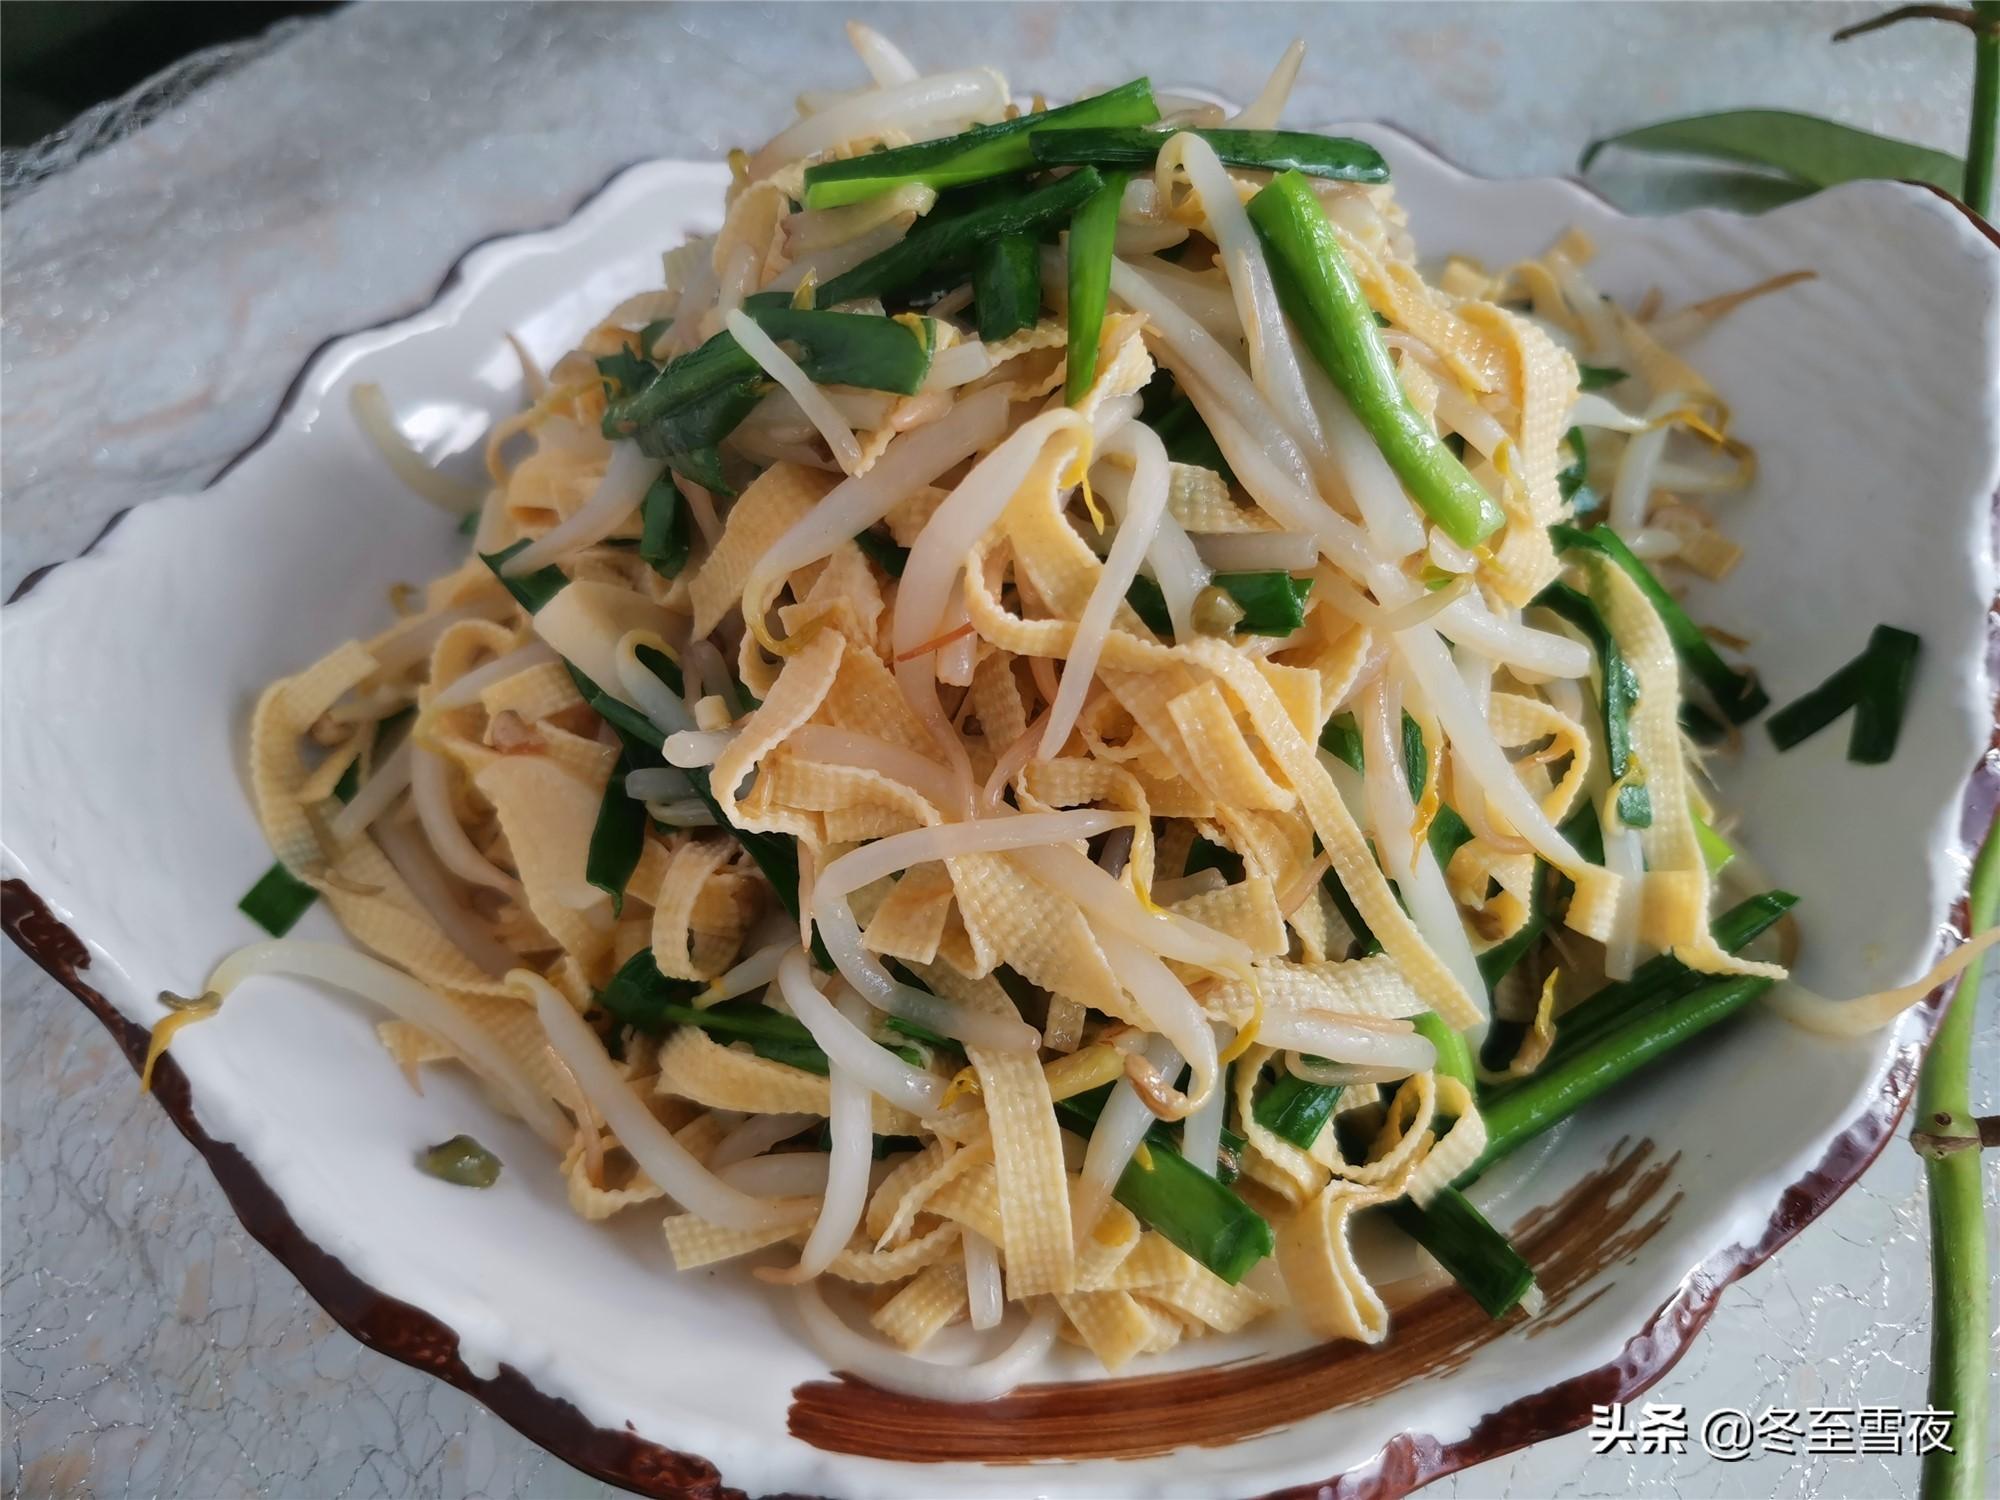 12道韭菜的做法,鲜香味美,鲜味十足 美食做法 第8张